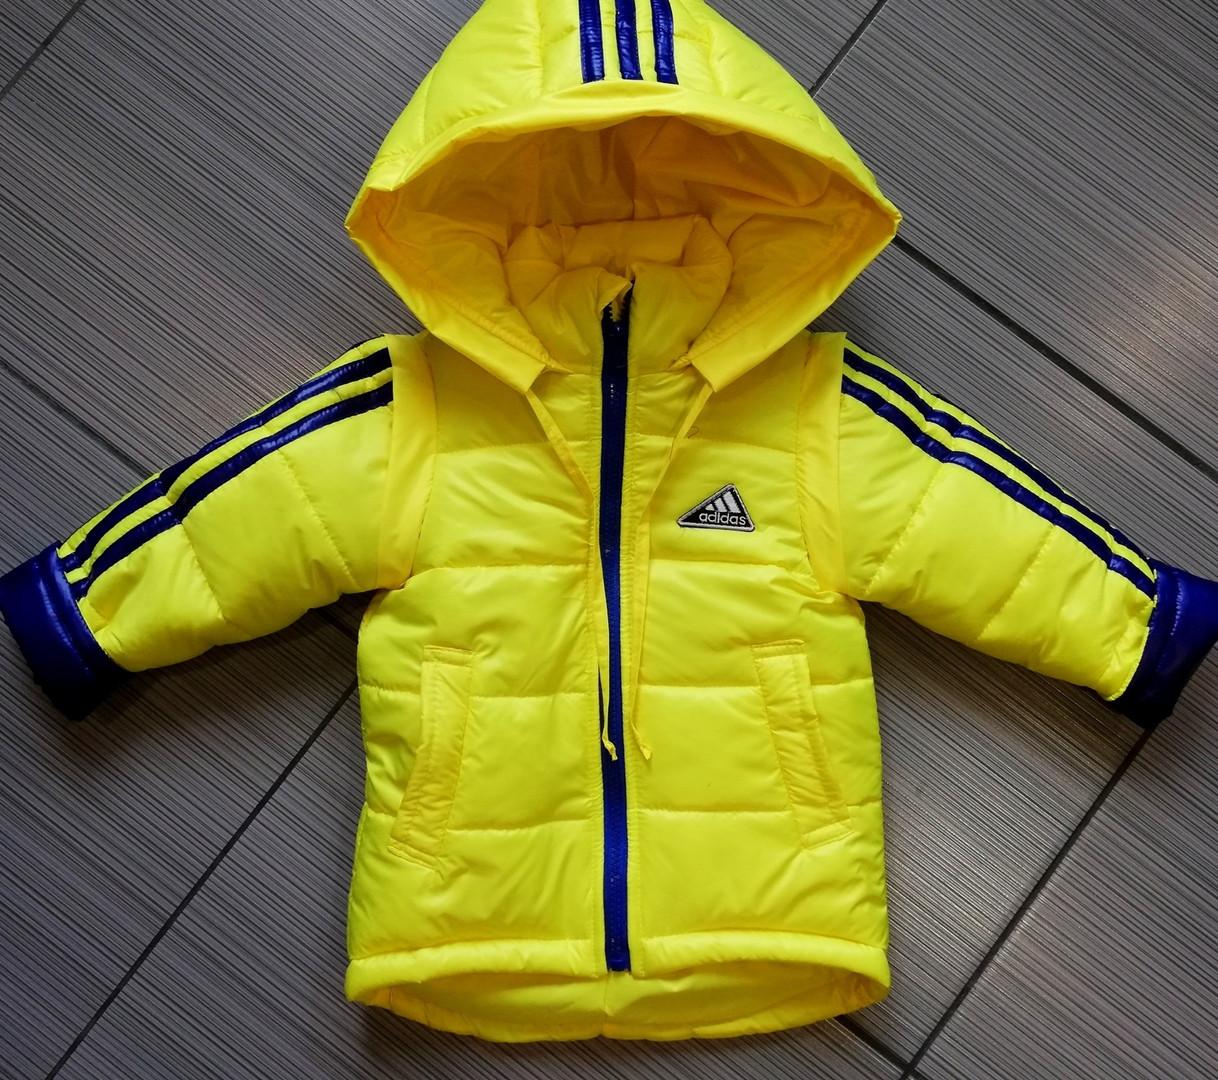 Демисезонная детская куртка Адидас с отстегными рукавами